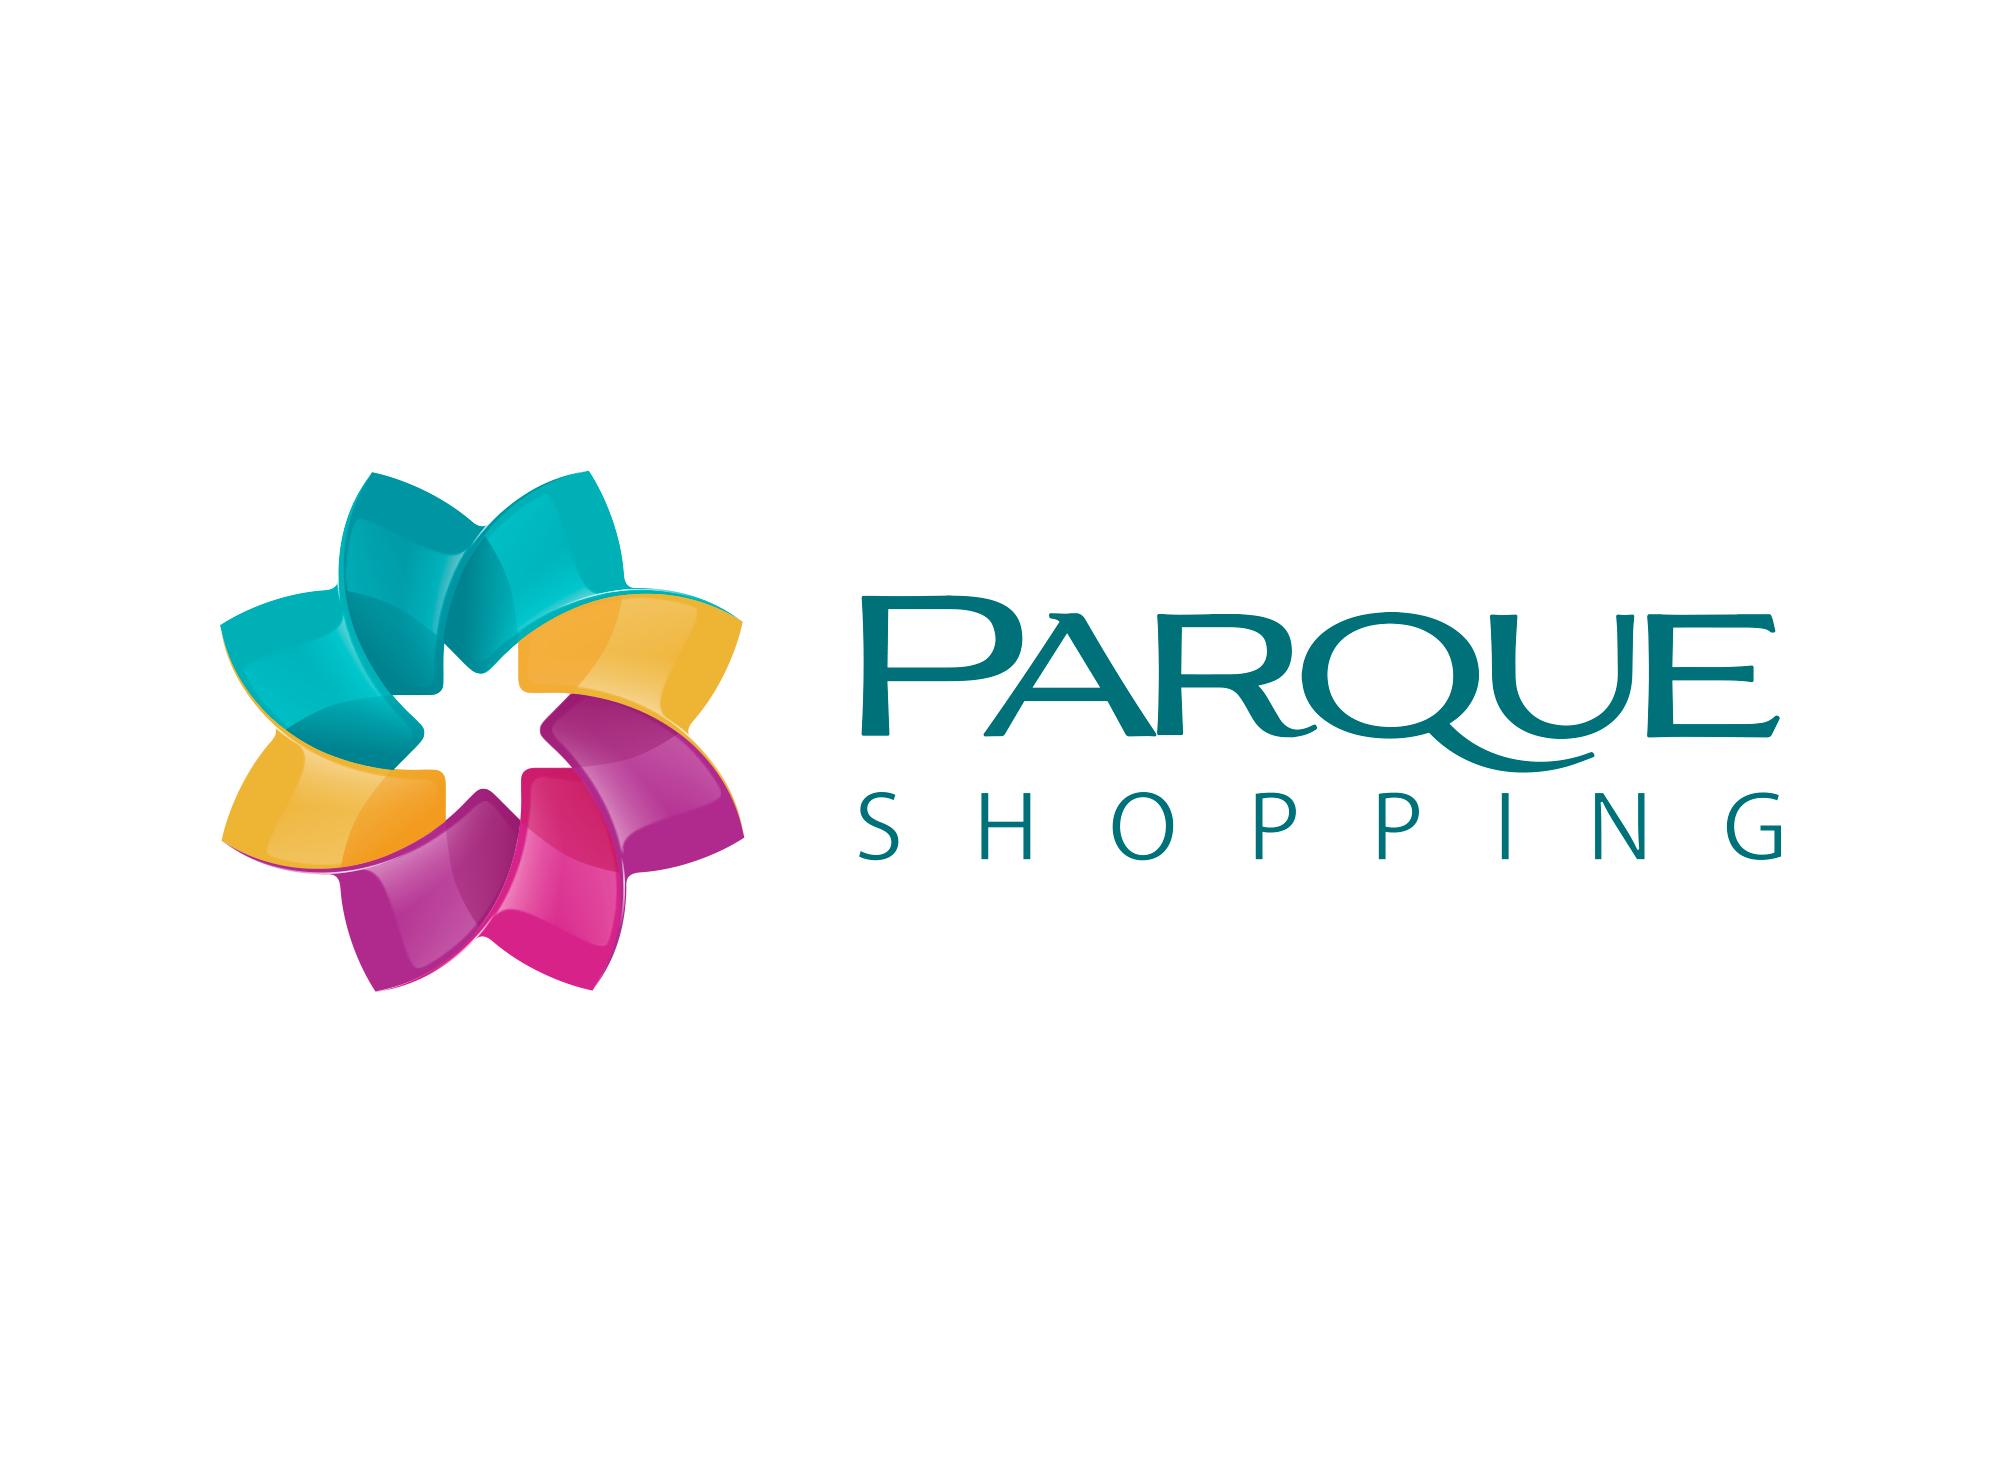 parque-shopping-fortaleza-clientes-atendidos-agencia-diretriz-digital-marketing-fortaleza